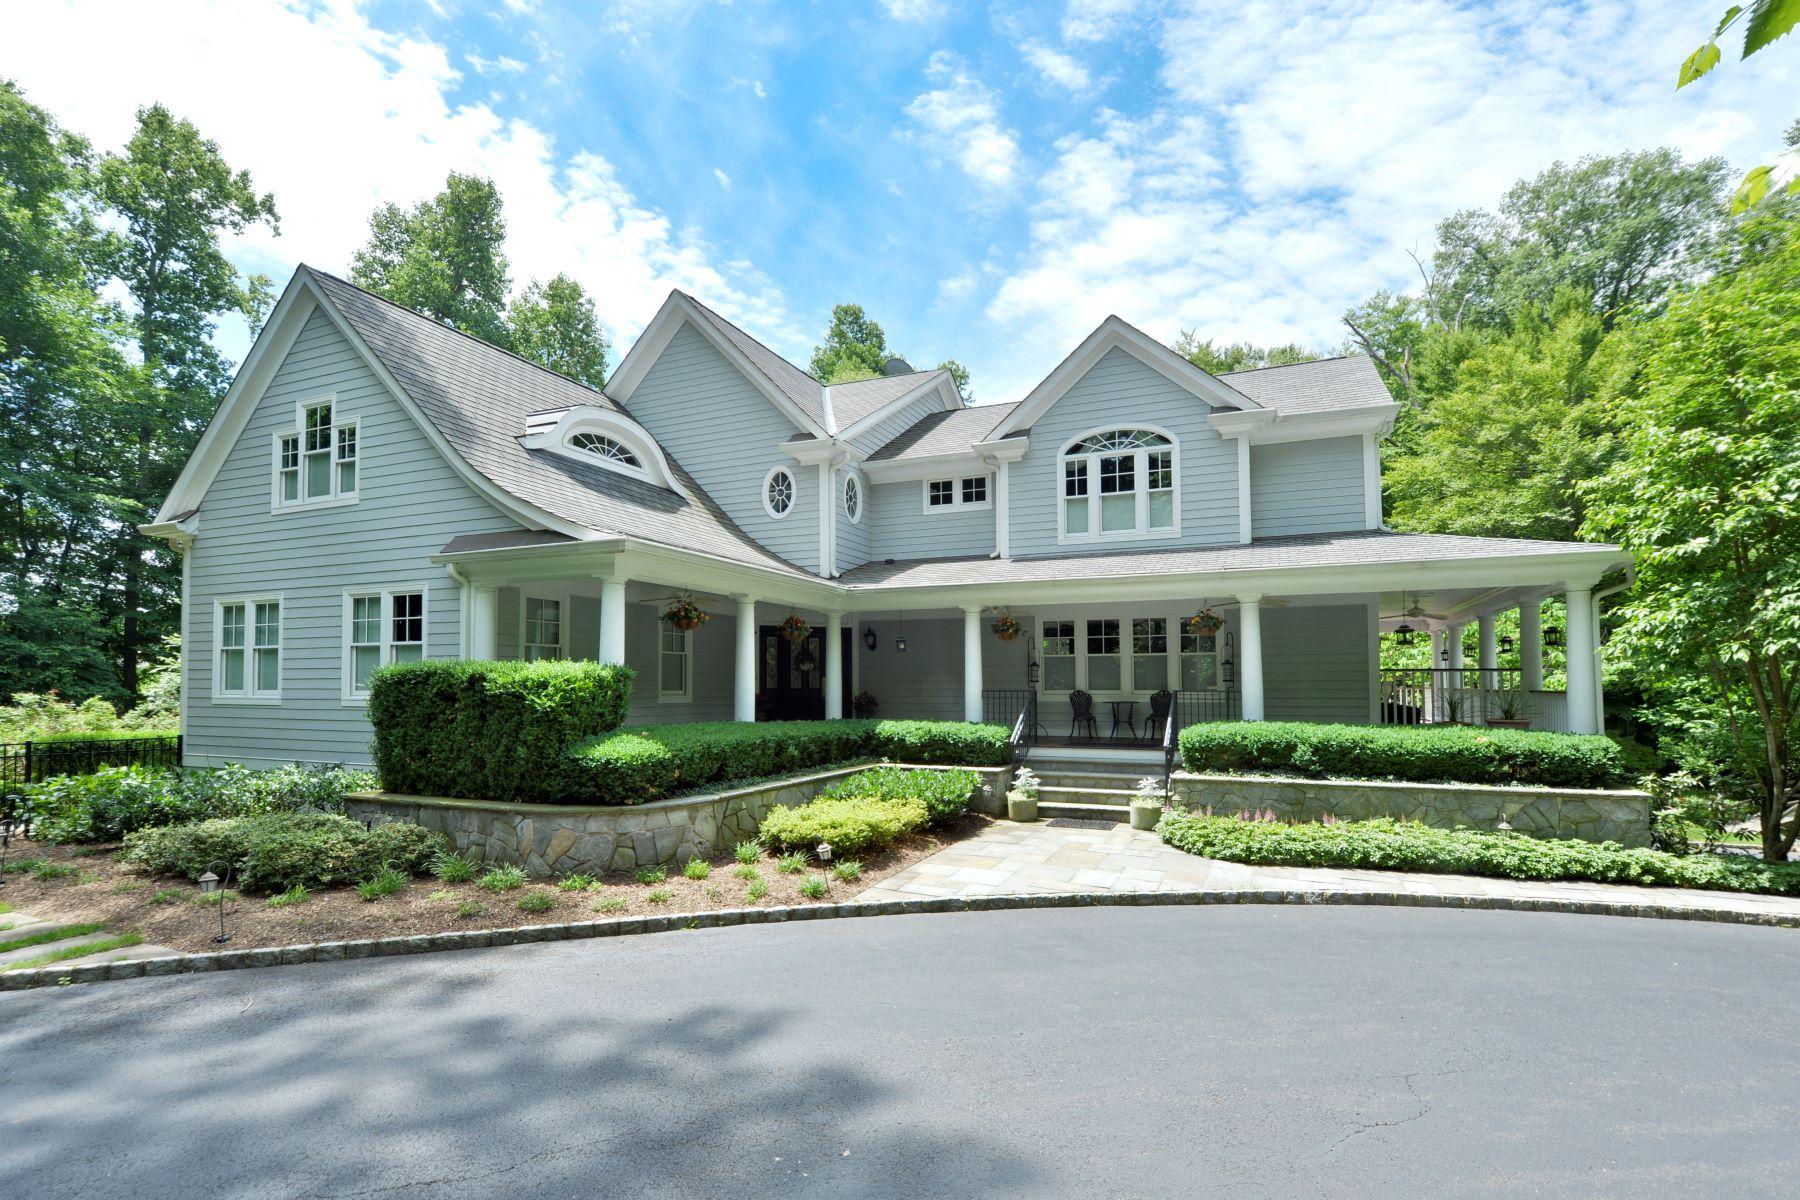 단독 가정 주택 용 매매 에 Sophisticated Country 13 Glenwood Drive Saddle River, 뉴저지, 07458 미국